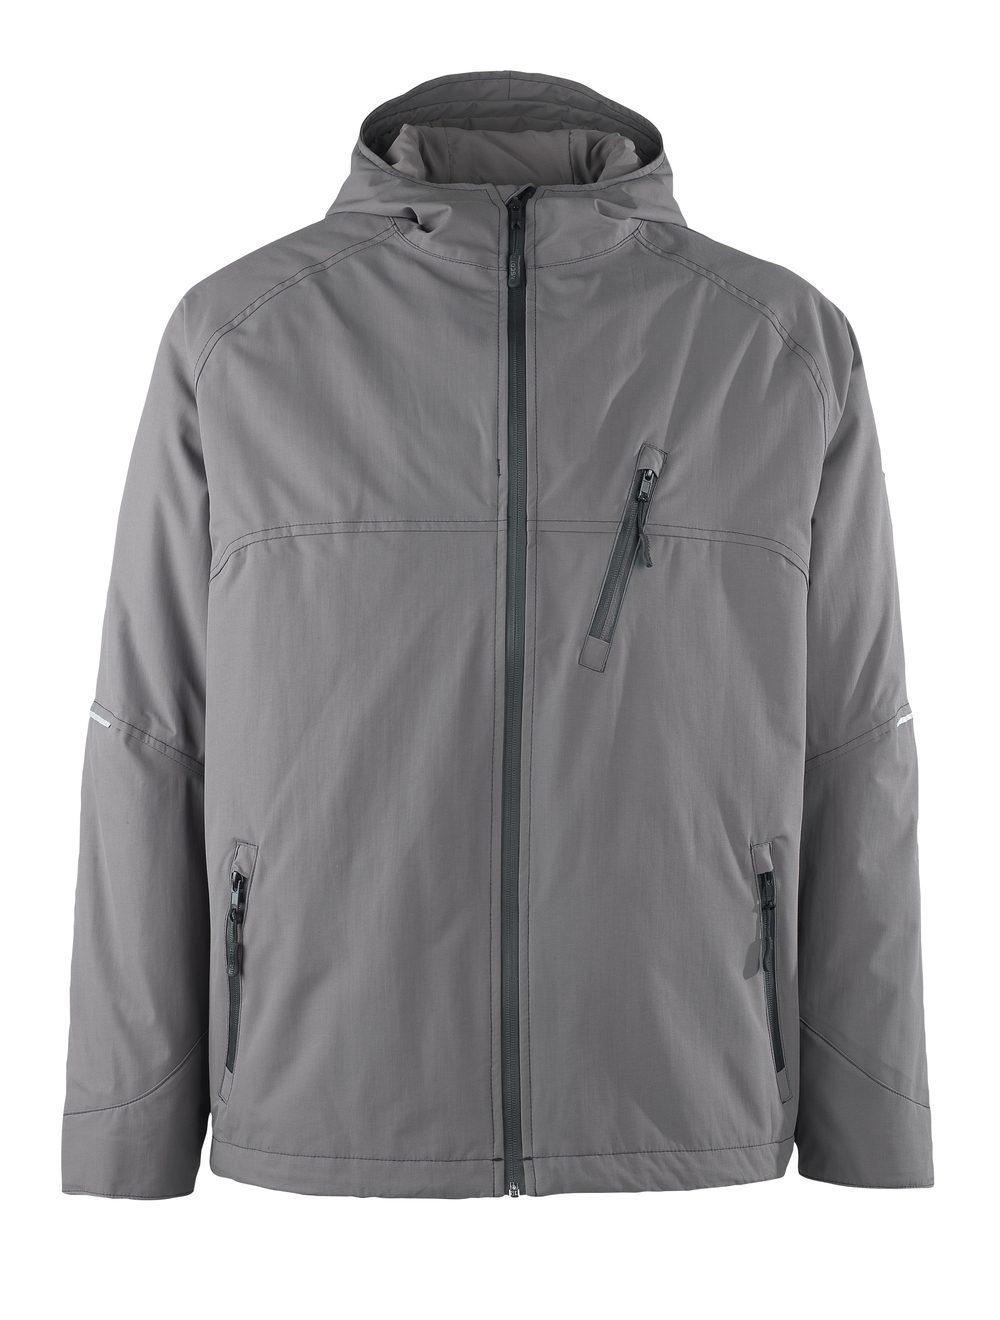 MASCOT Aveiro Rain Jacket Limited Edition